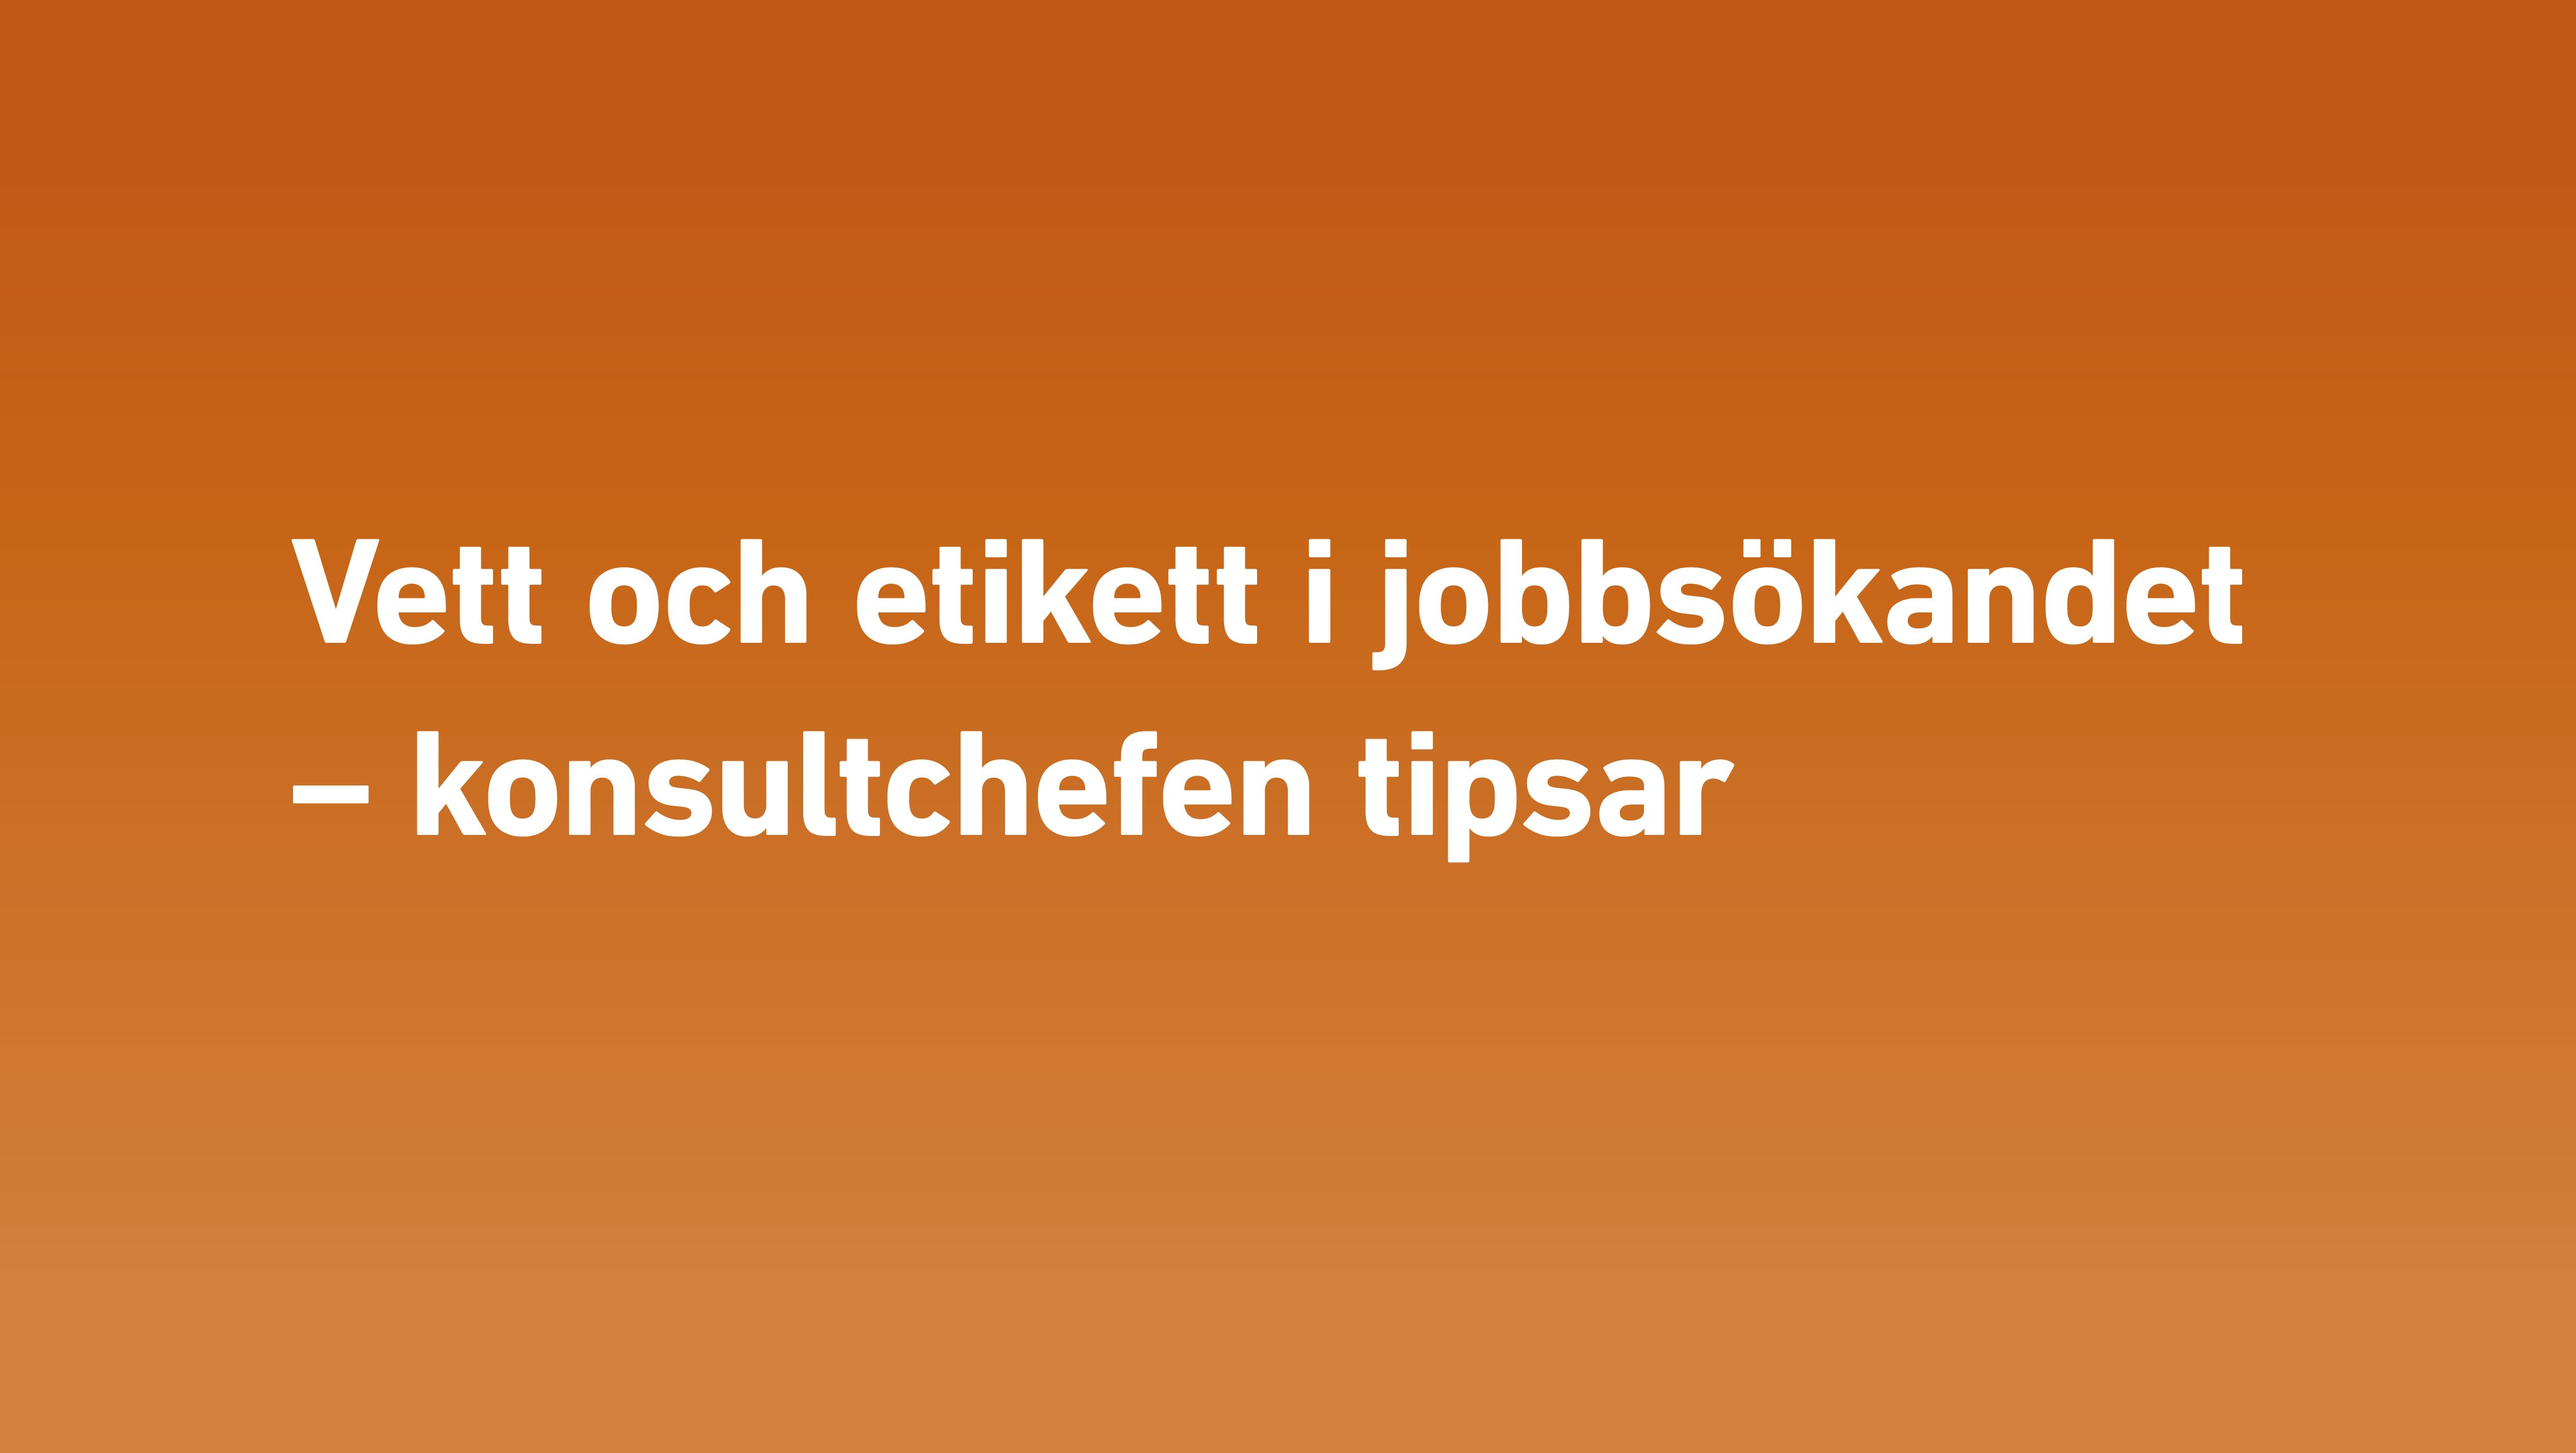 Orange bakgrund med text i vitt: